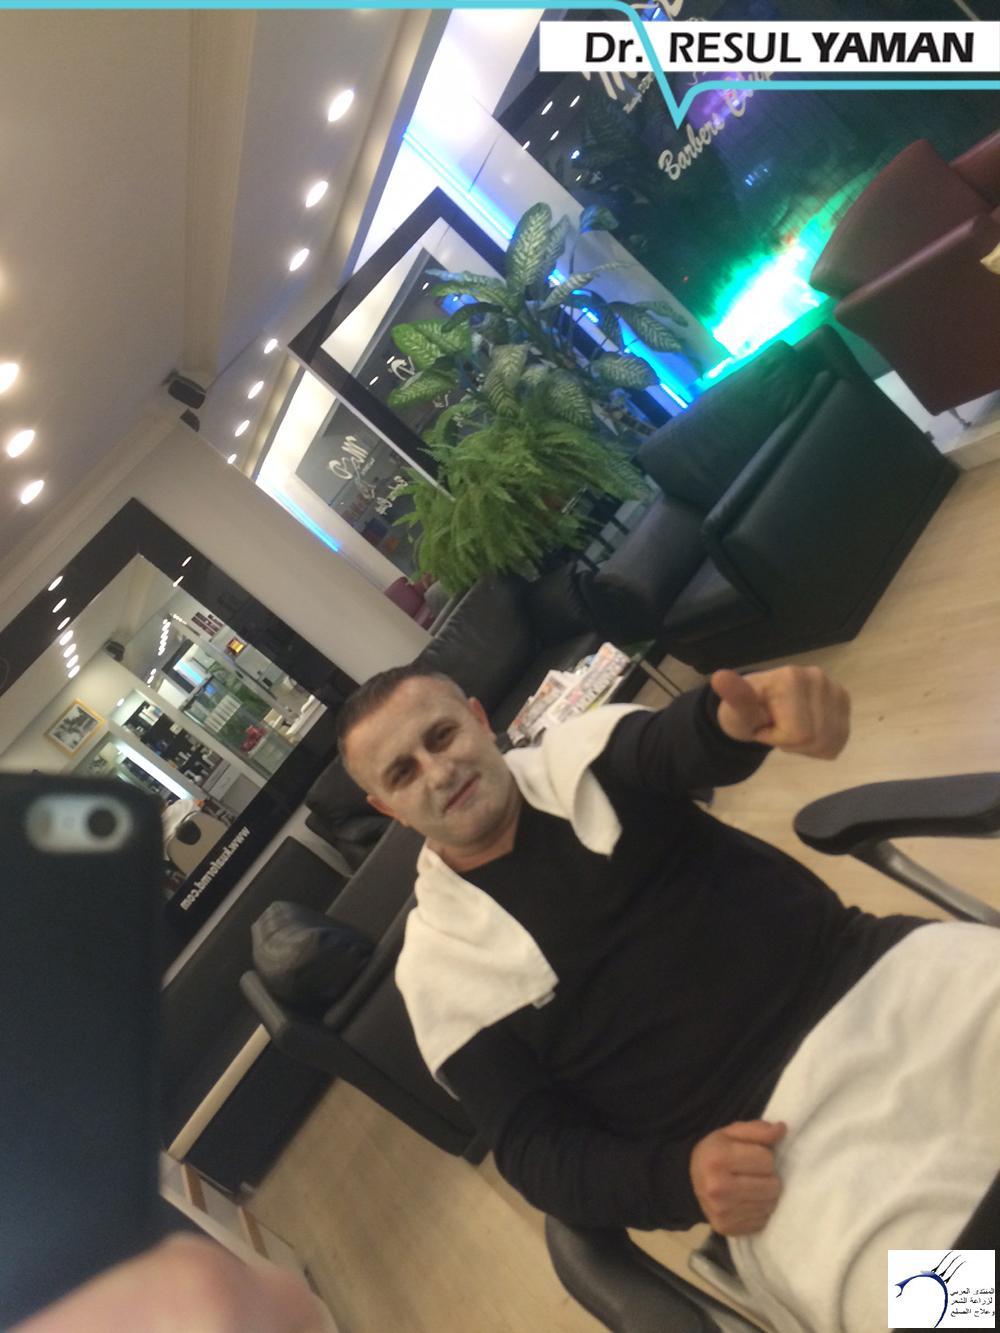 نتيجة السيد Emin Demir زراعة www.hairarab.com4865